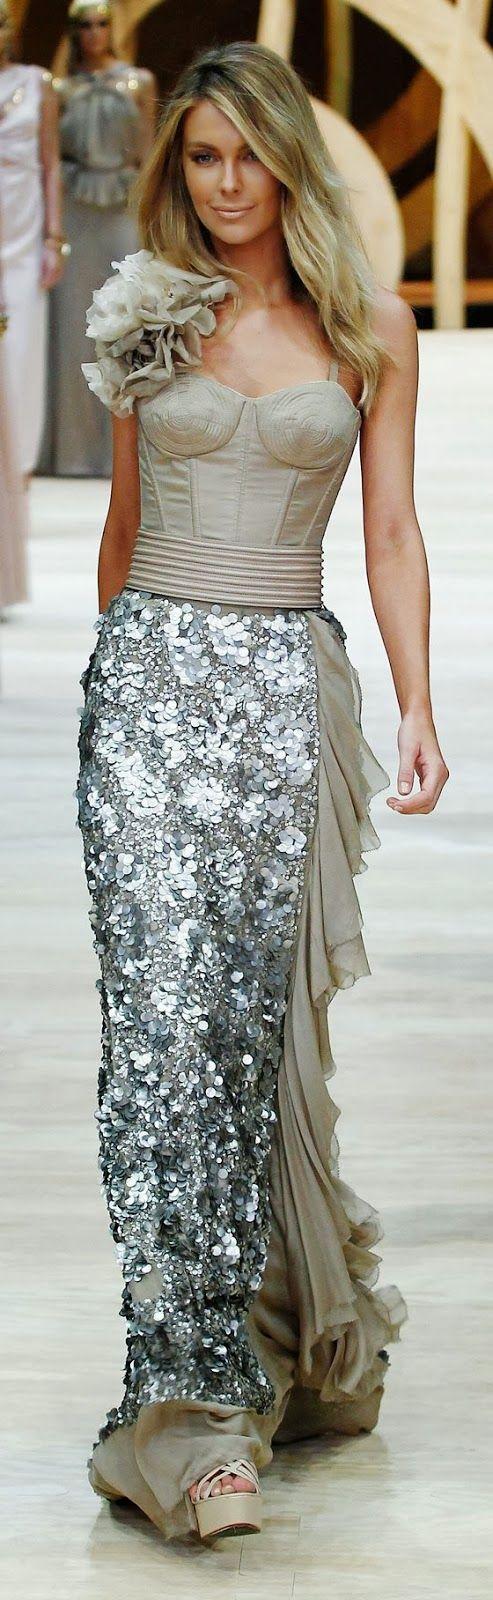 Fabulous long dress fashion for parties